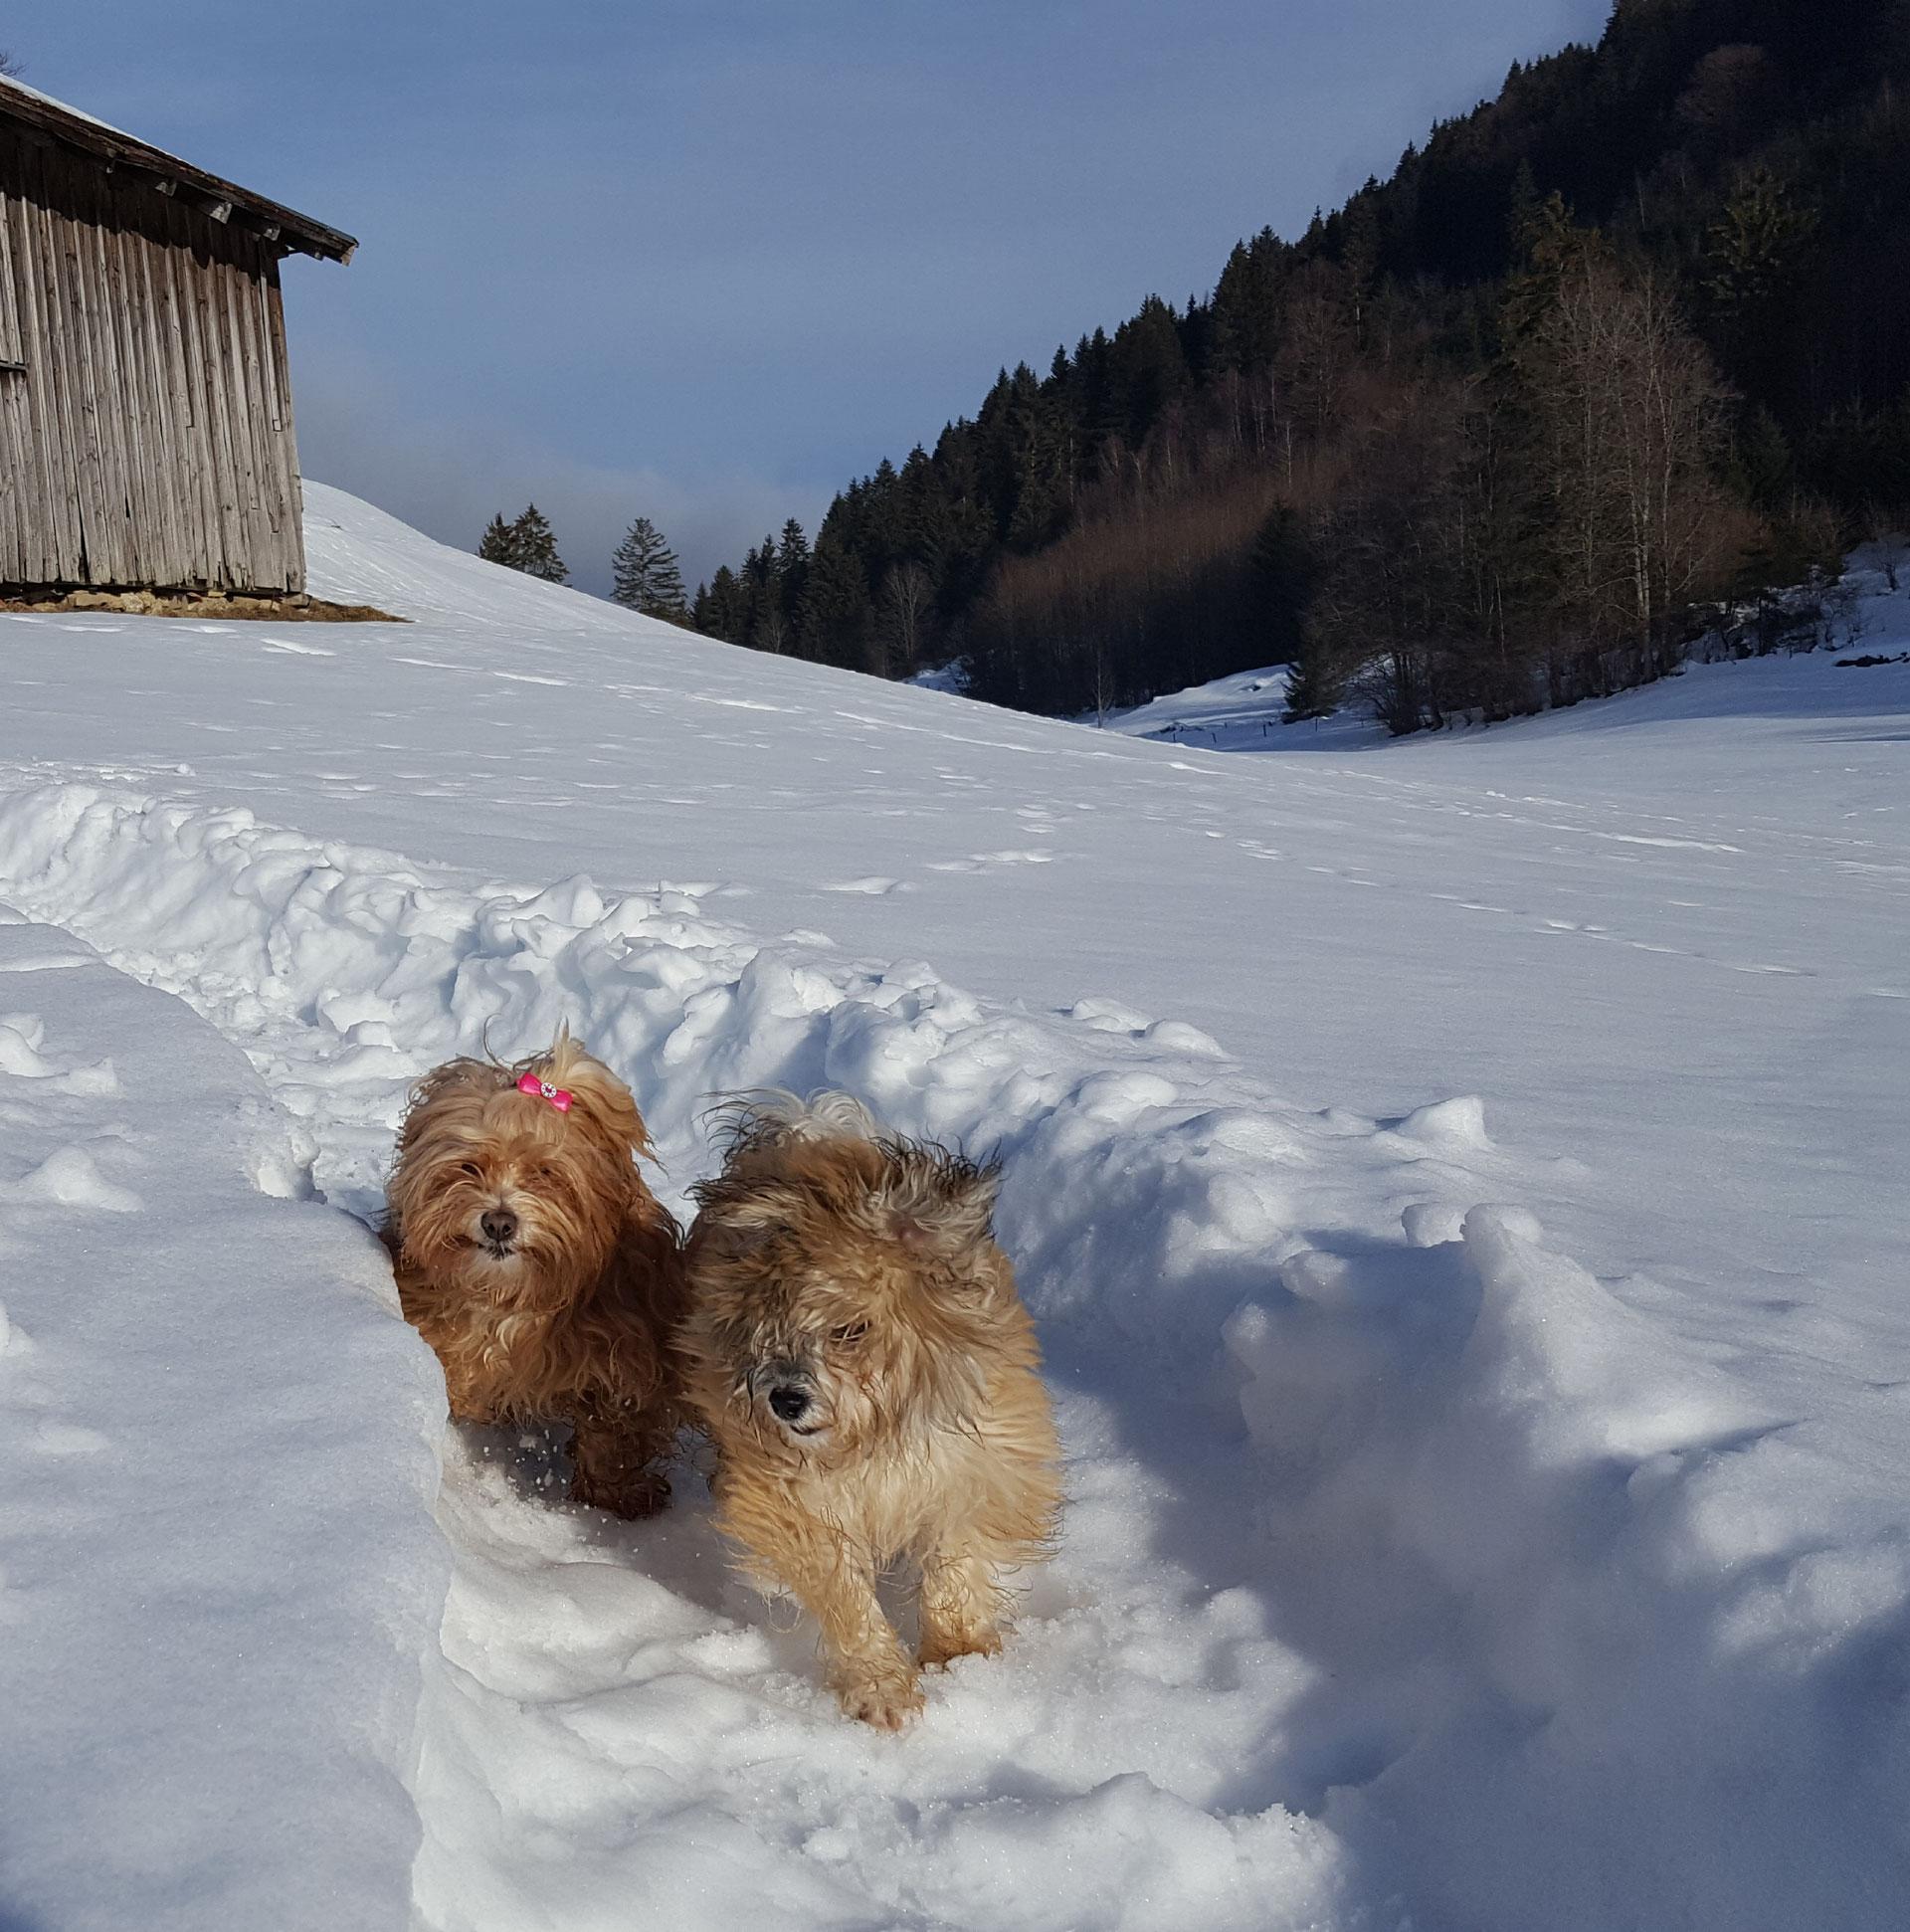 Urlaub Mit Hund Eingezäunter Garten: Aktuelle Neuigkeiten Aus Dem Landhaus Jörg Im Allgäu